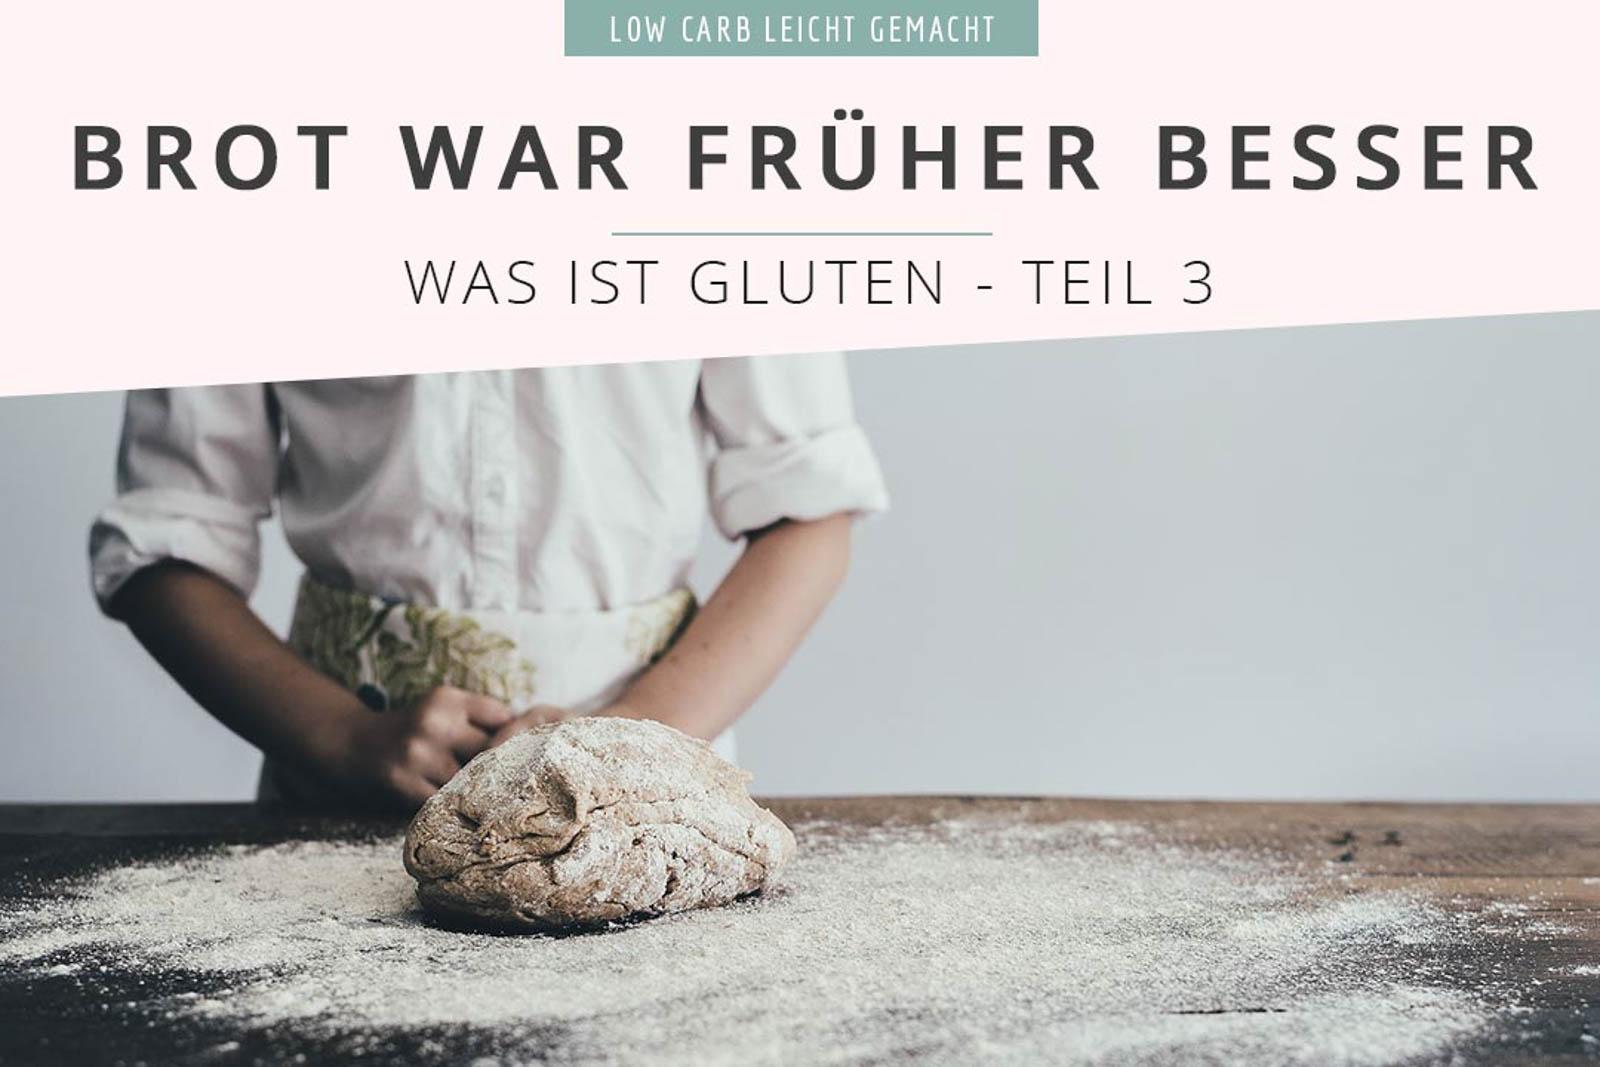 """Früher war alles besser! Ok, vielleicht nicht alles, aber Brot auf jeden Fall. Aber warum ist das so? Warum ist glutenfrei plötzlich in aller Munde? Und warum wird Weizen so verteufelt? Darüber haben wir uns im 3. Teil unserer """"Was ist Gluten""""-Serie Gedanken gemacht. #lowcarbwissen #gluten #weizenmehl #glutenfrei #weizenfrei #gliadin #glutenin #glutenfreigesund"""